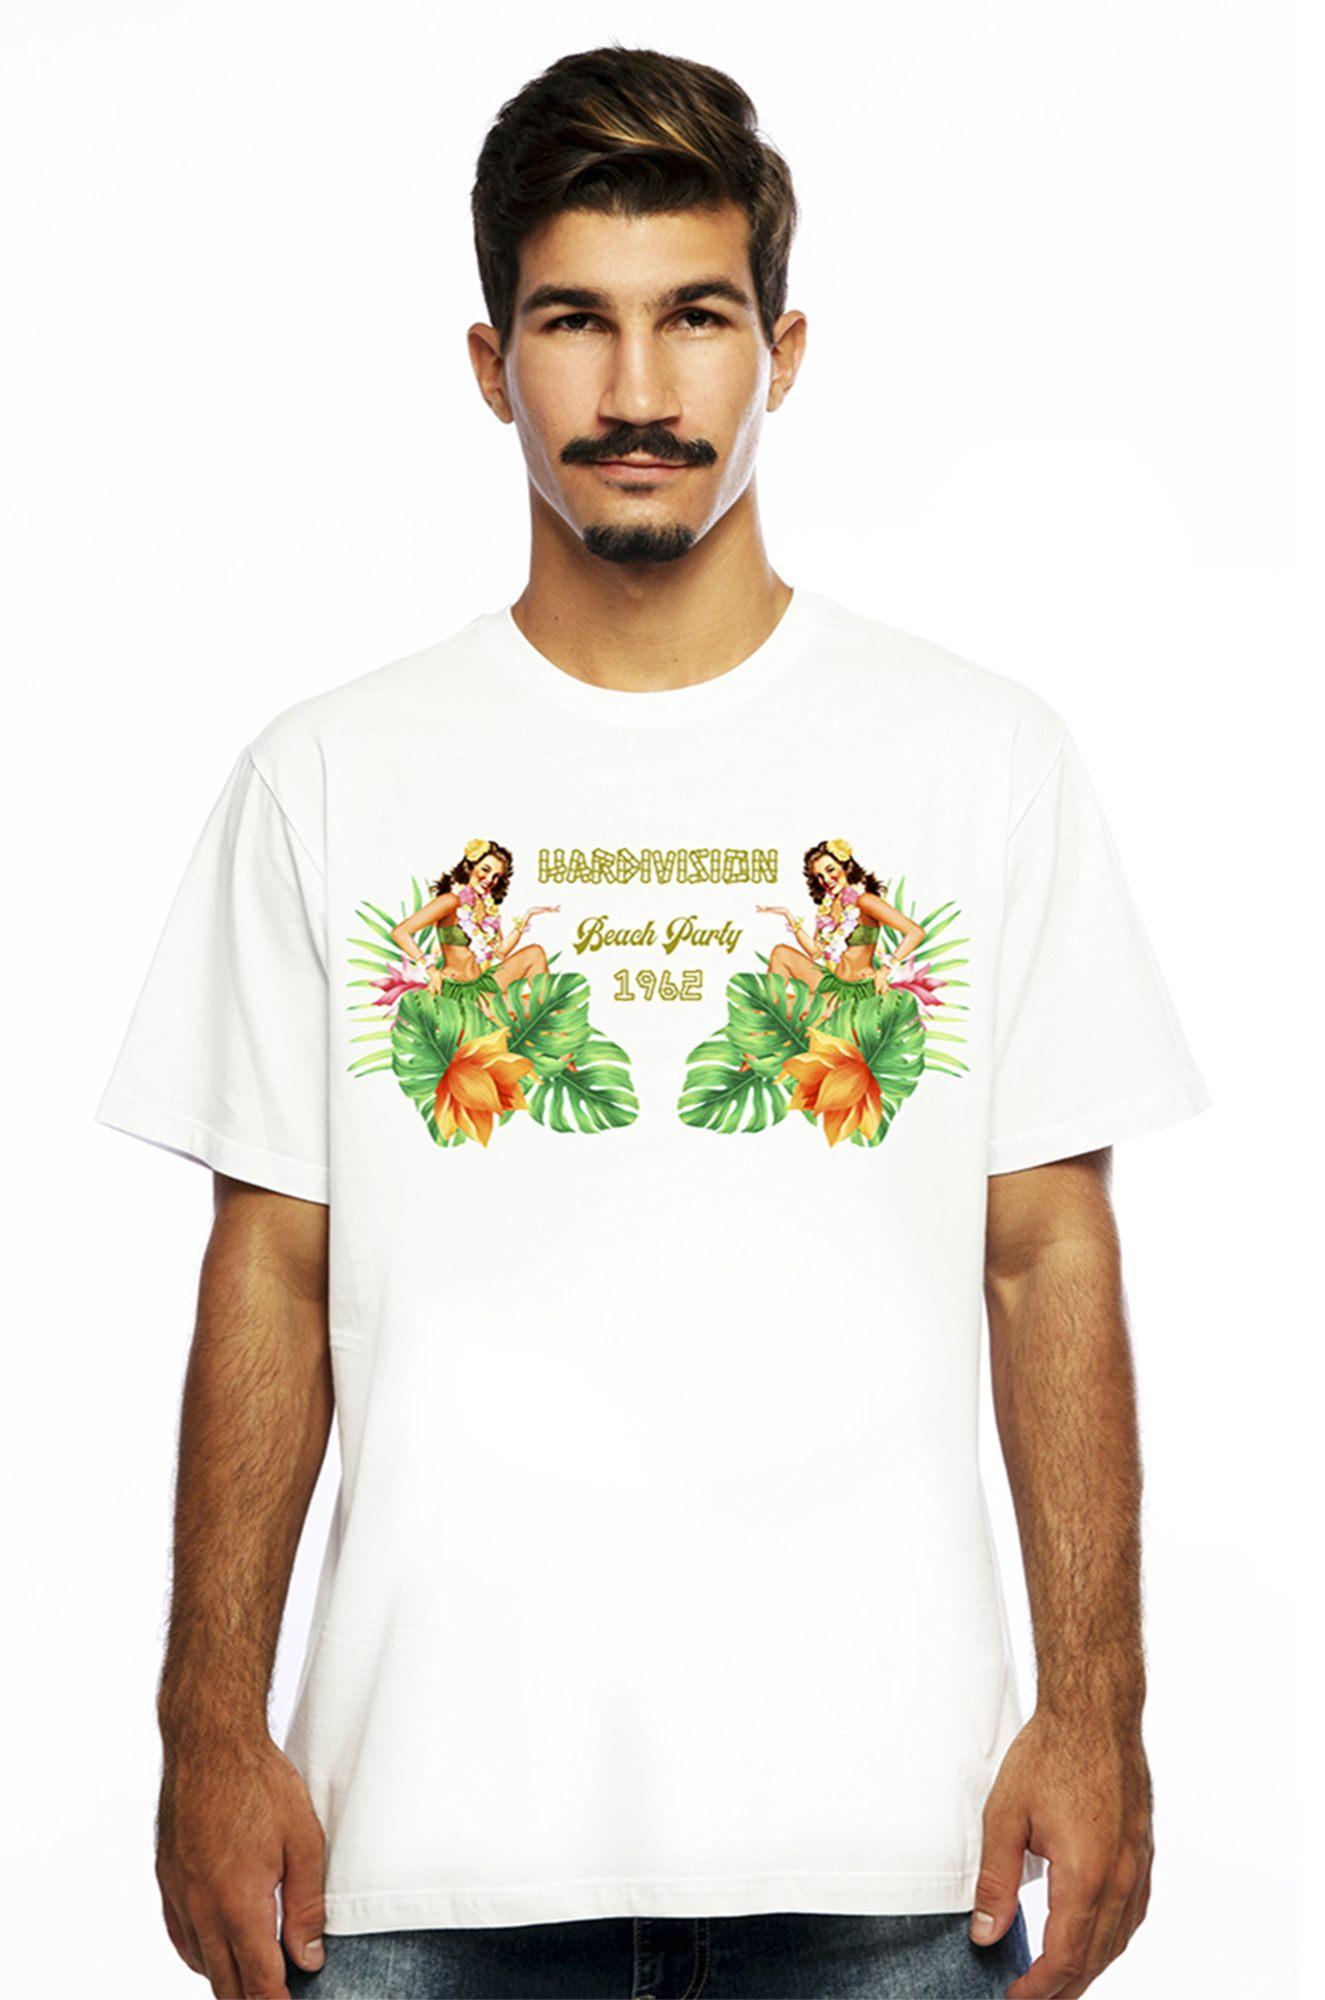 Camiseta Hardivision Beach Manga Curta Branca